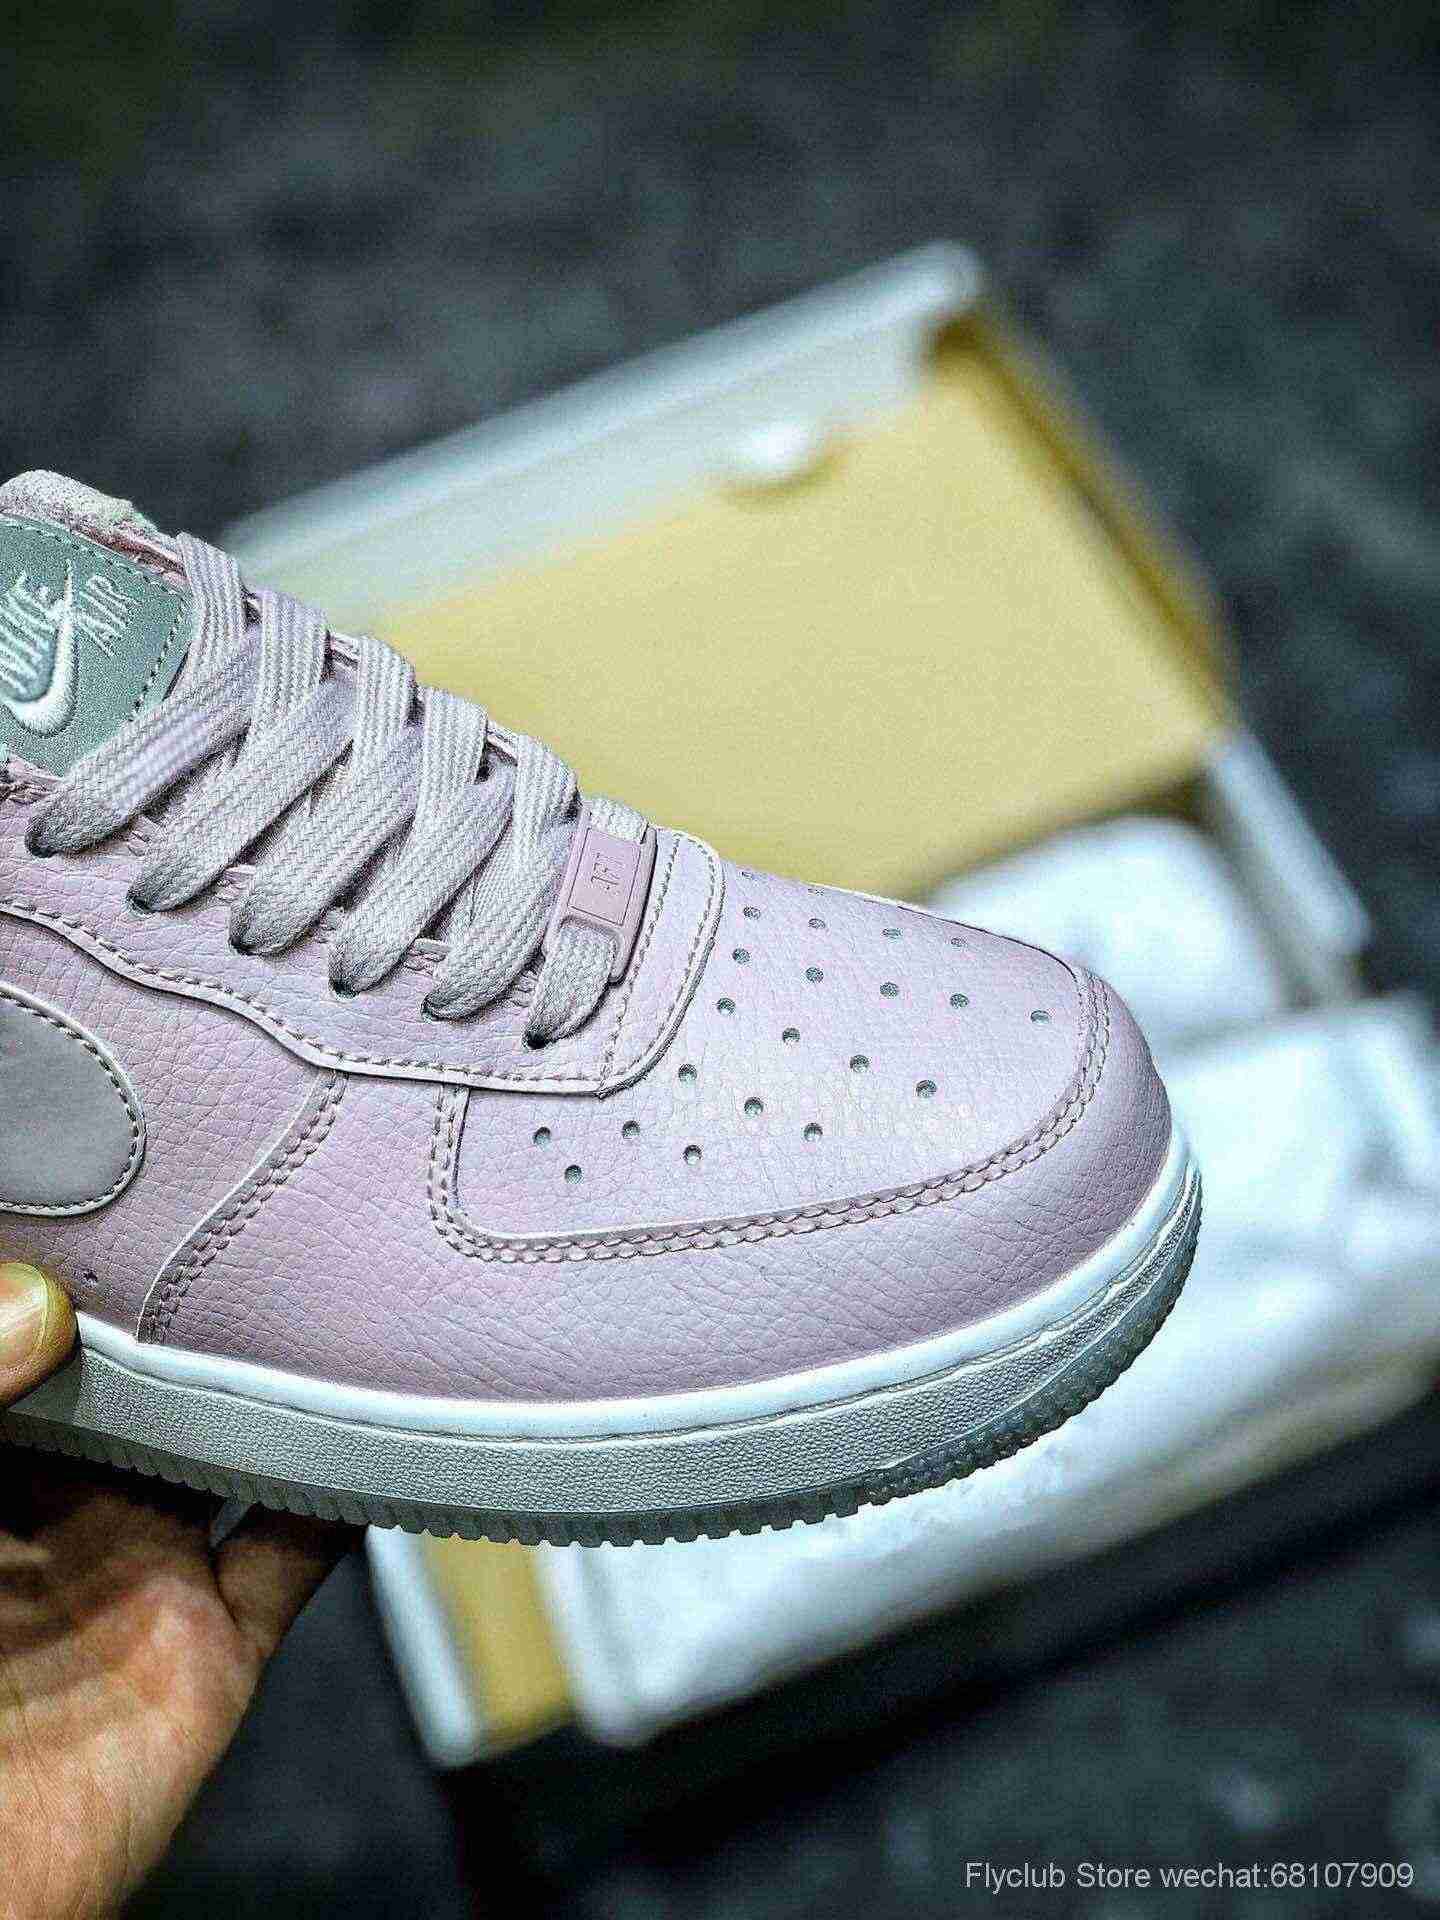 Air Force 1 3M反光 空军一号低帮女子运动休闲板鞋 ,白粉水晶底